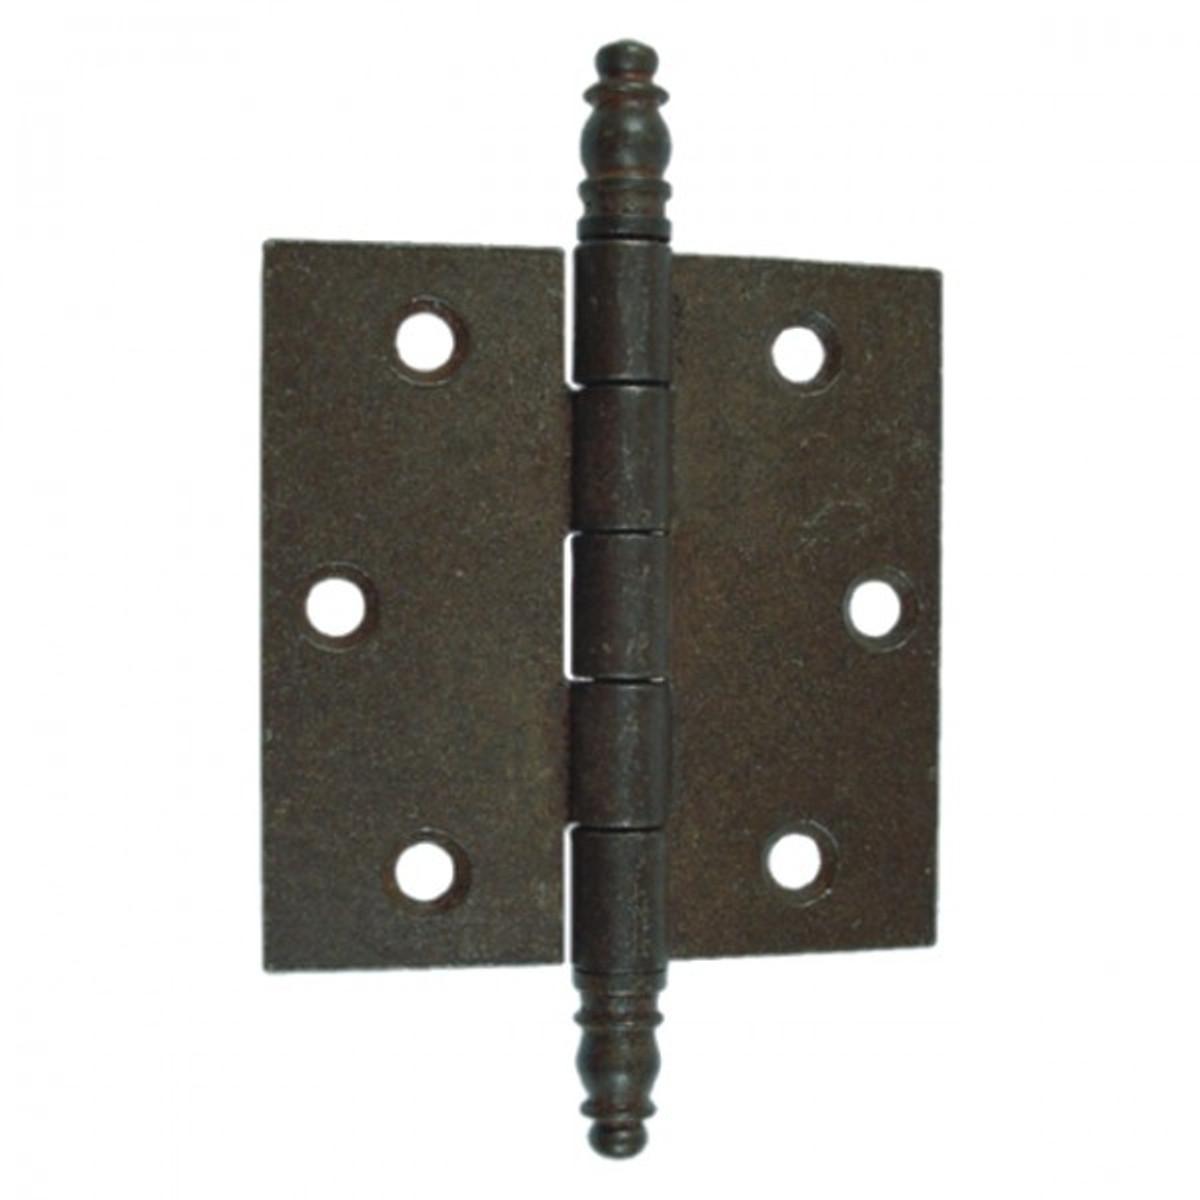 Scharnier Türband Beschlag Eisen antik 90mm zur vielseitigen Verwendung an Türen jeglicher Art im Rustikal Look